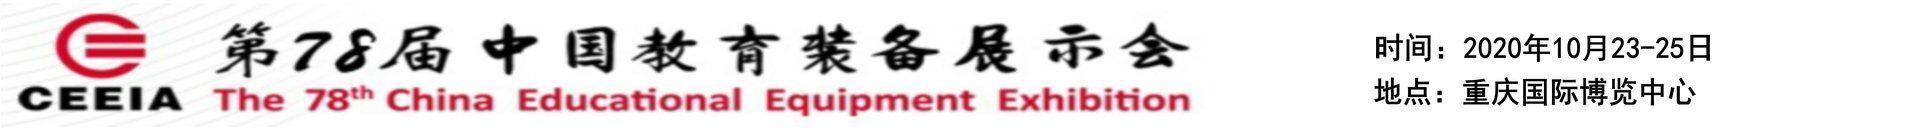 2020第78届中国教育装备展示会秋季巡展